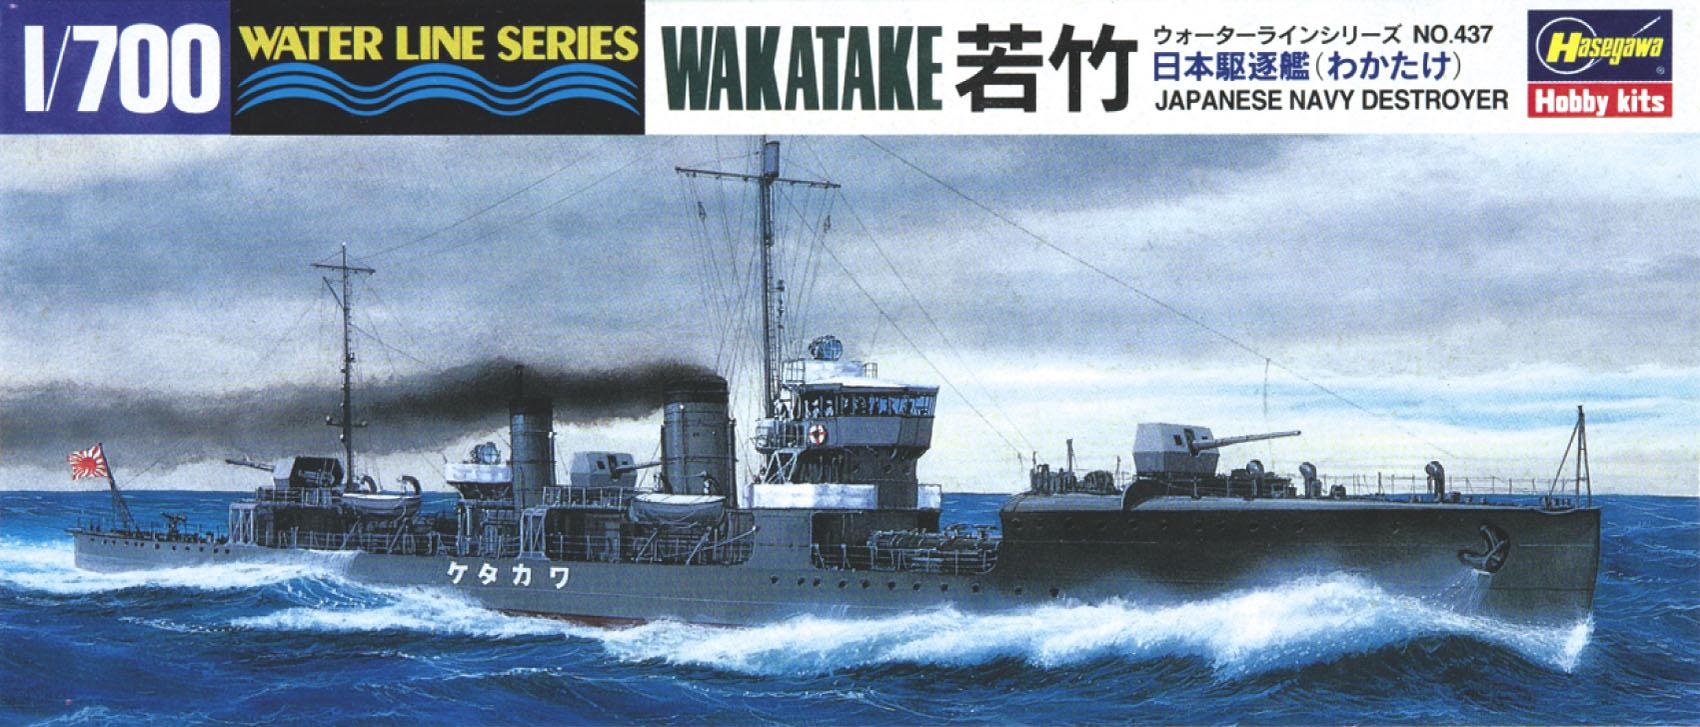 Hasegawa Ijn Destroyer Wakatake